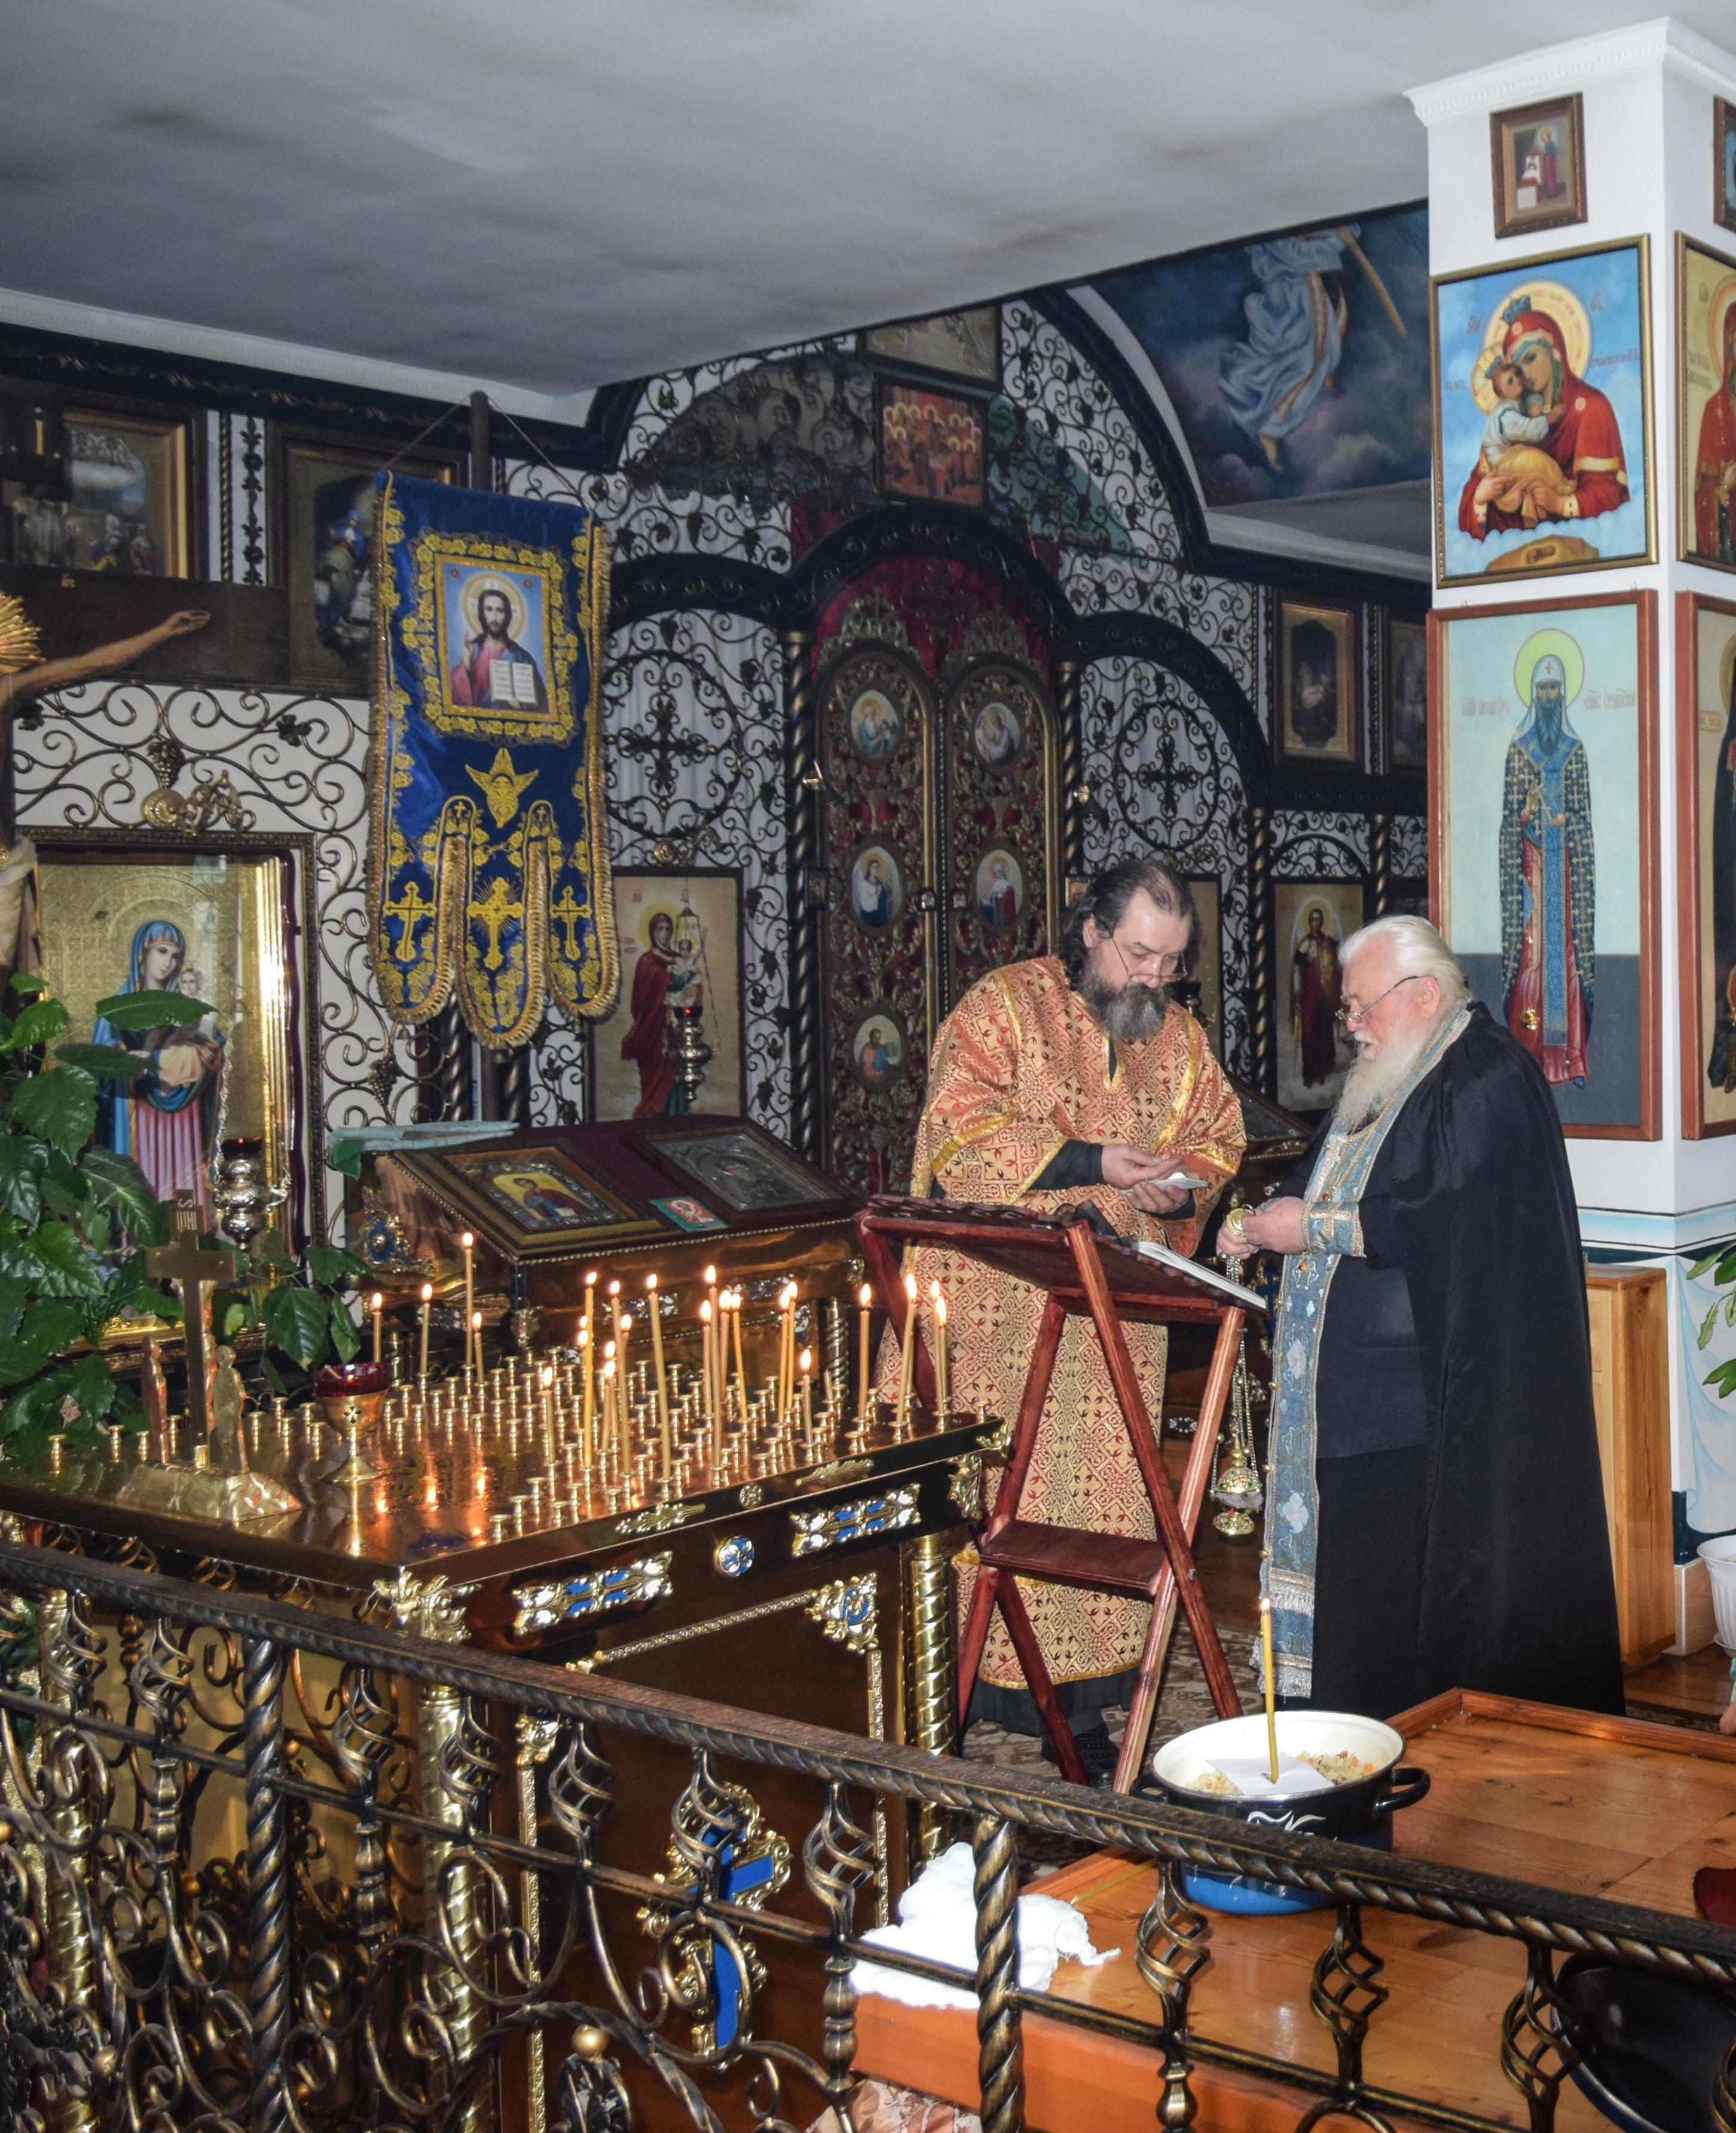 9 ноября 2019 года в Покрово-Эннатском монастыре почтили память старицы схимонахини Рафаилы (в миру Нины Михайловны Астаховой)